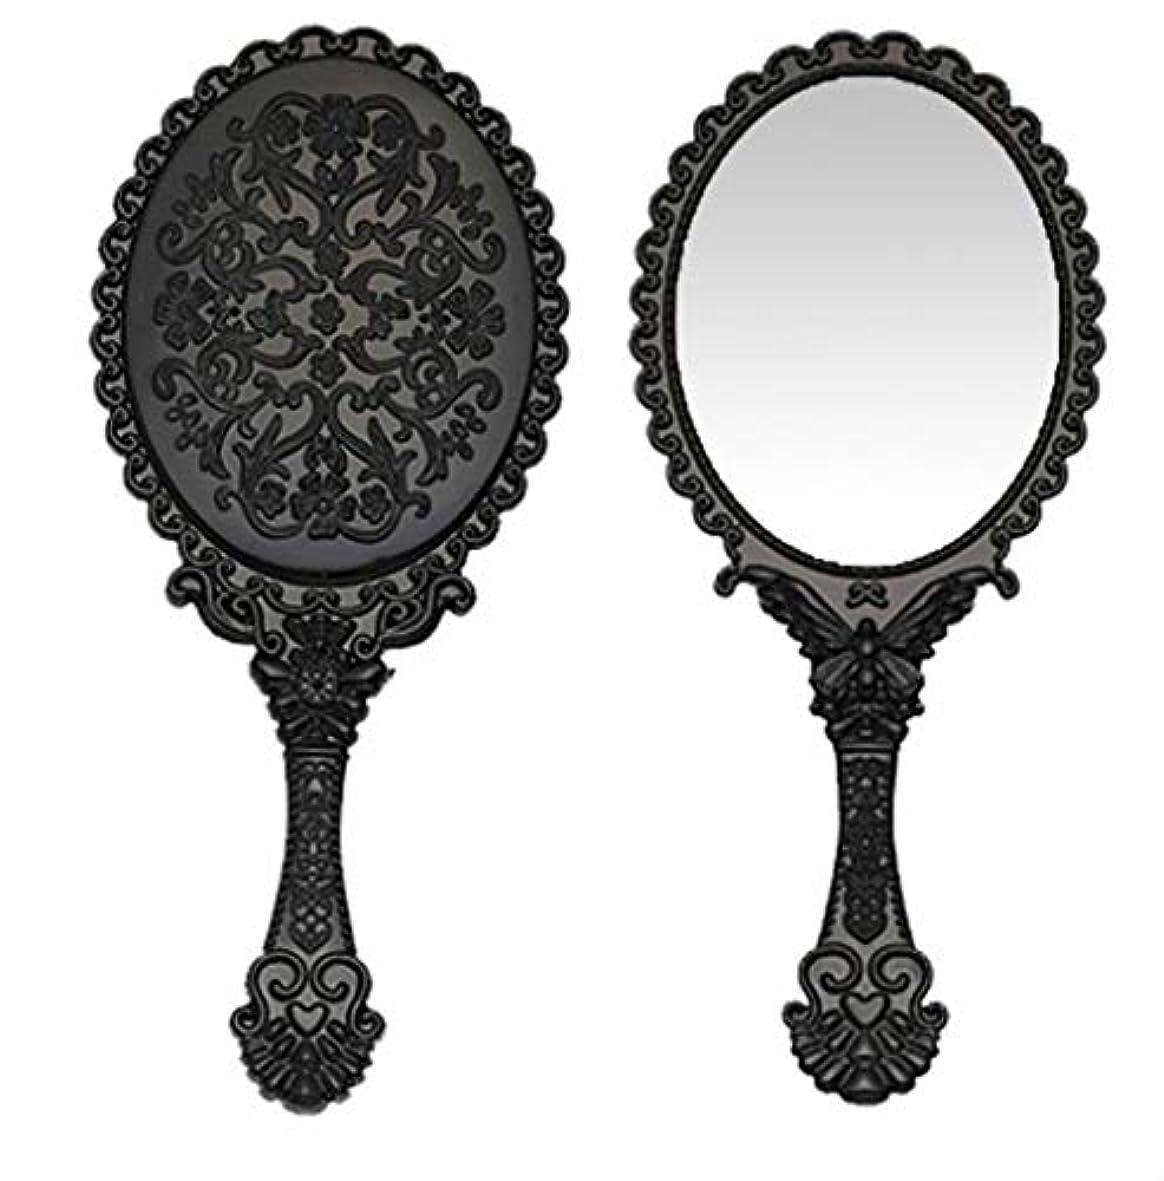 すべき外交敬送料無料 トゥインクル 楕円の鏡 メイク ポーチ 化粧 ミラー 手鏡 姫系ハンドミラー ブラック